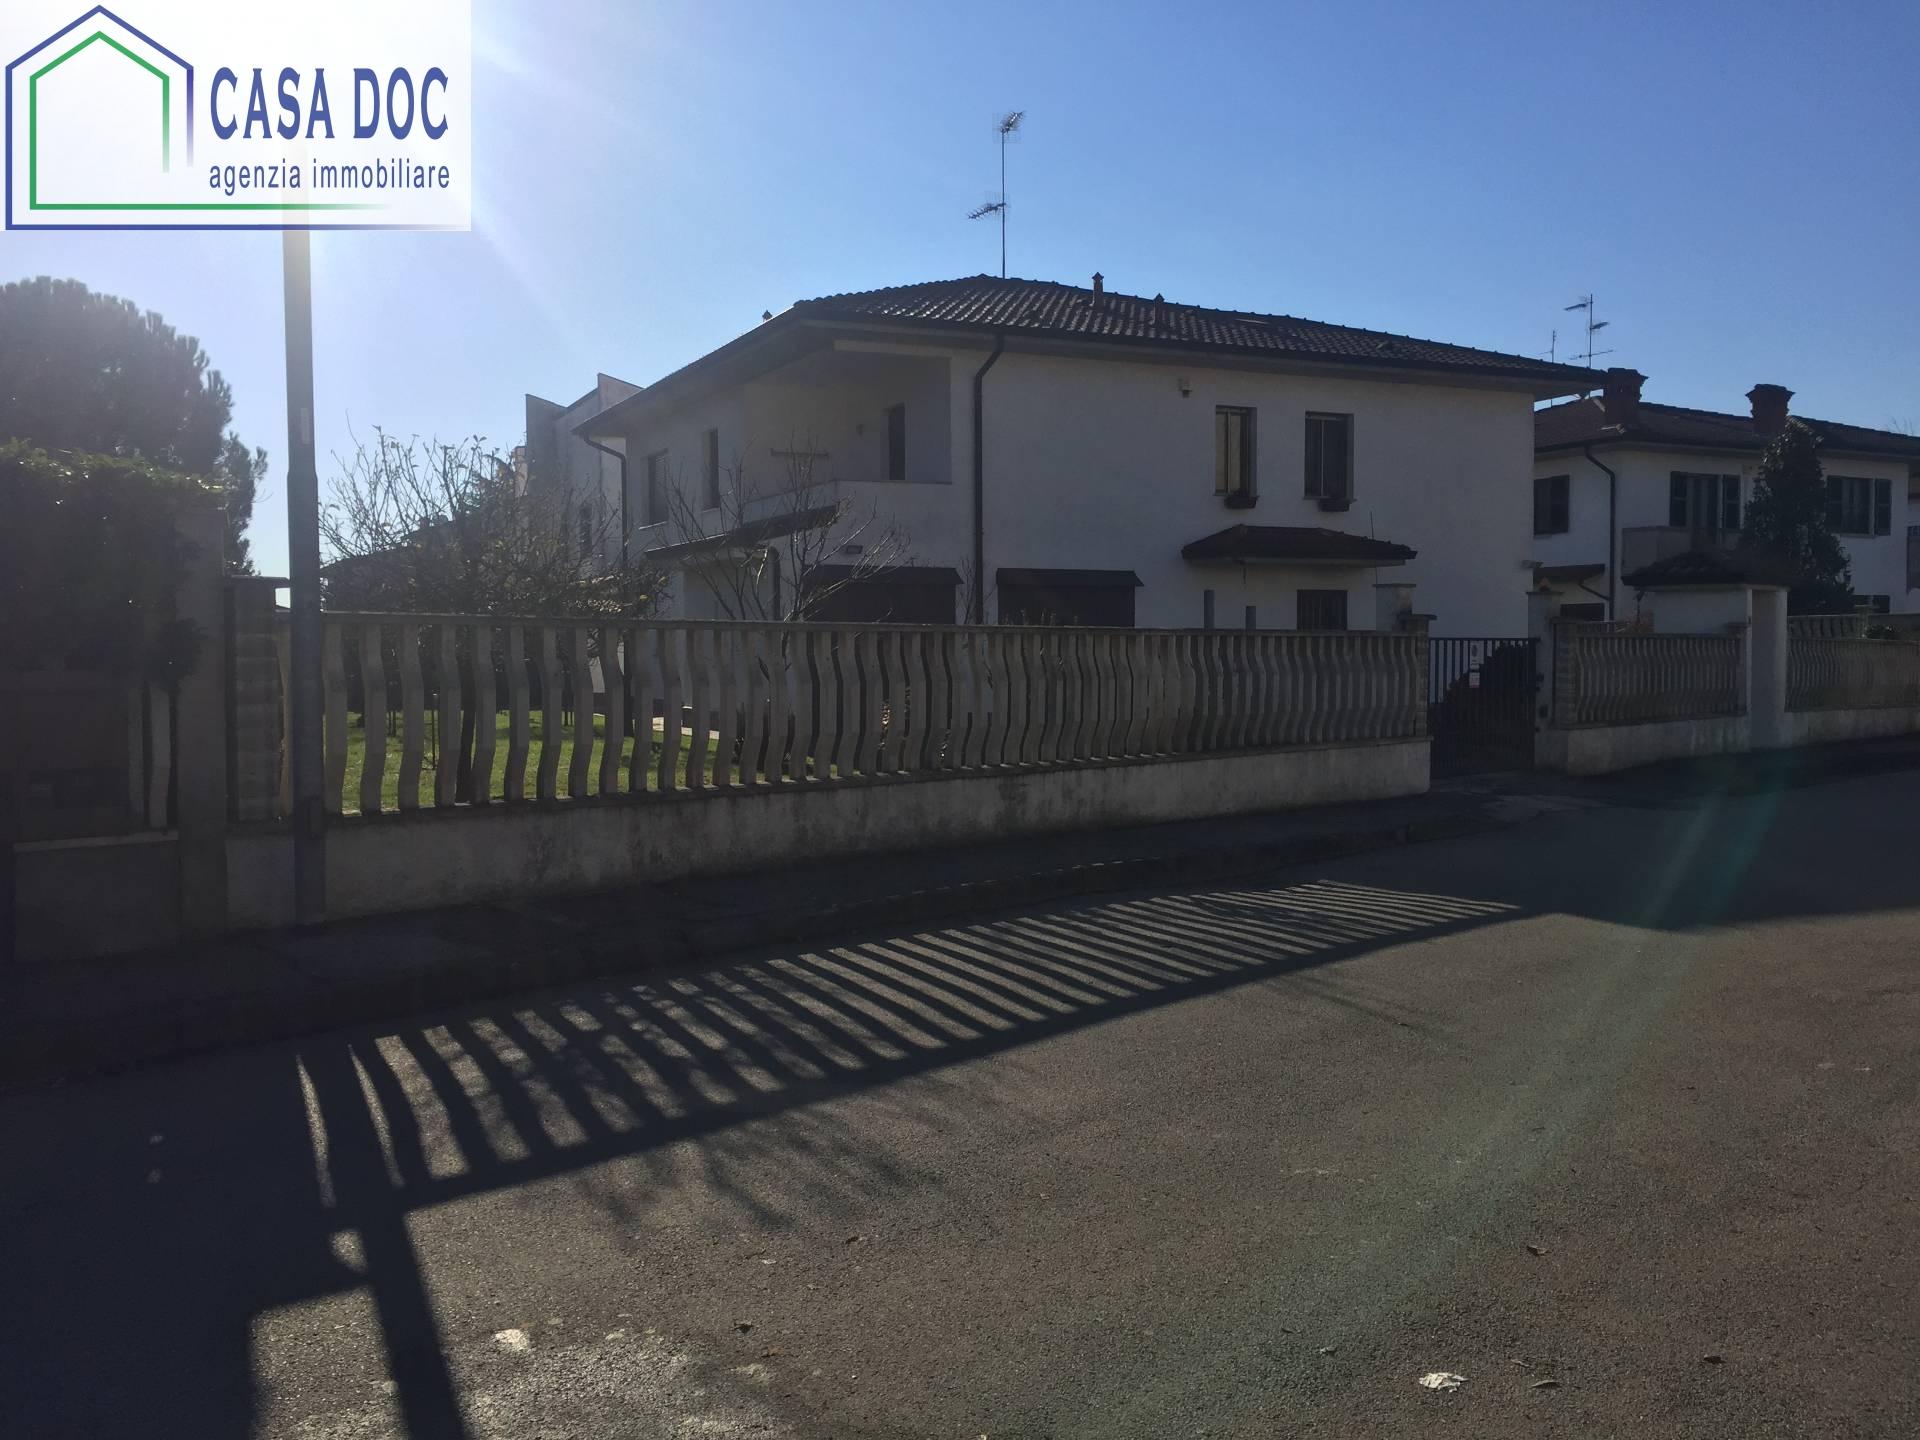 Villa in vendita a Siziano, 3 locali, prezzo € 259.000 | CambioCasa.it